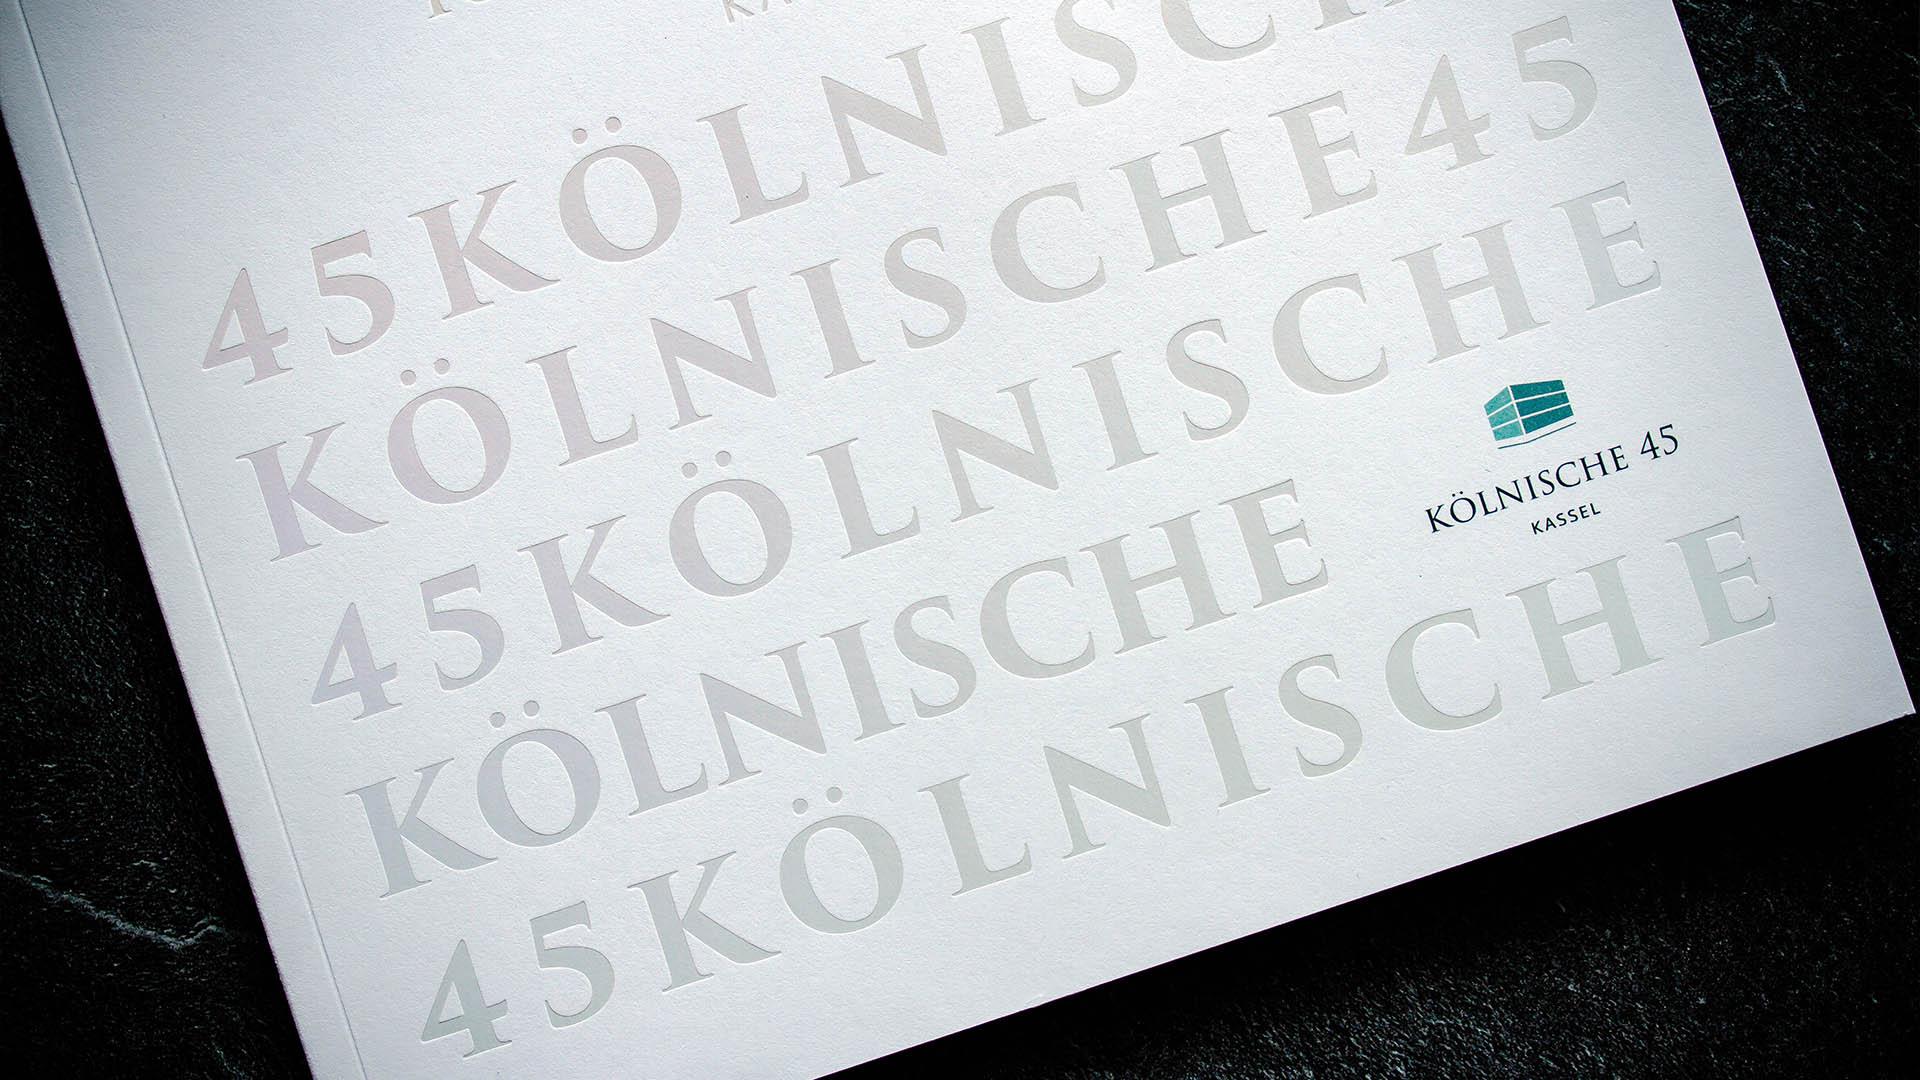 Kölnische 45